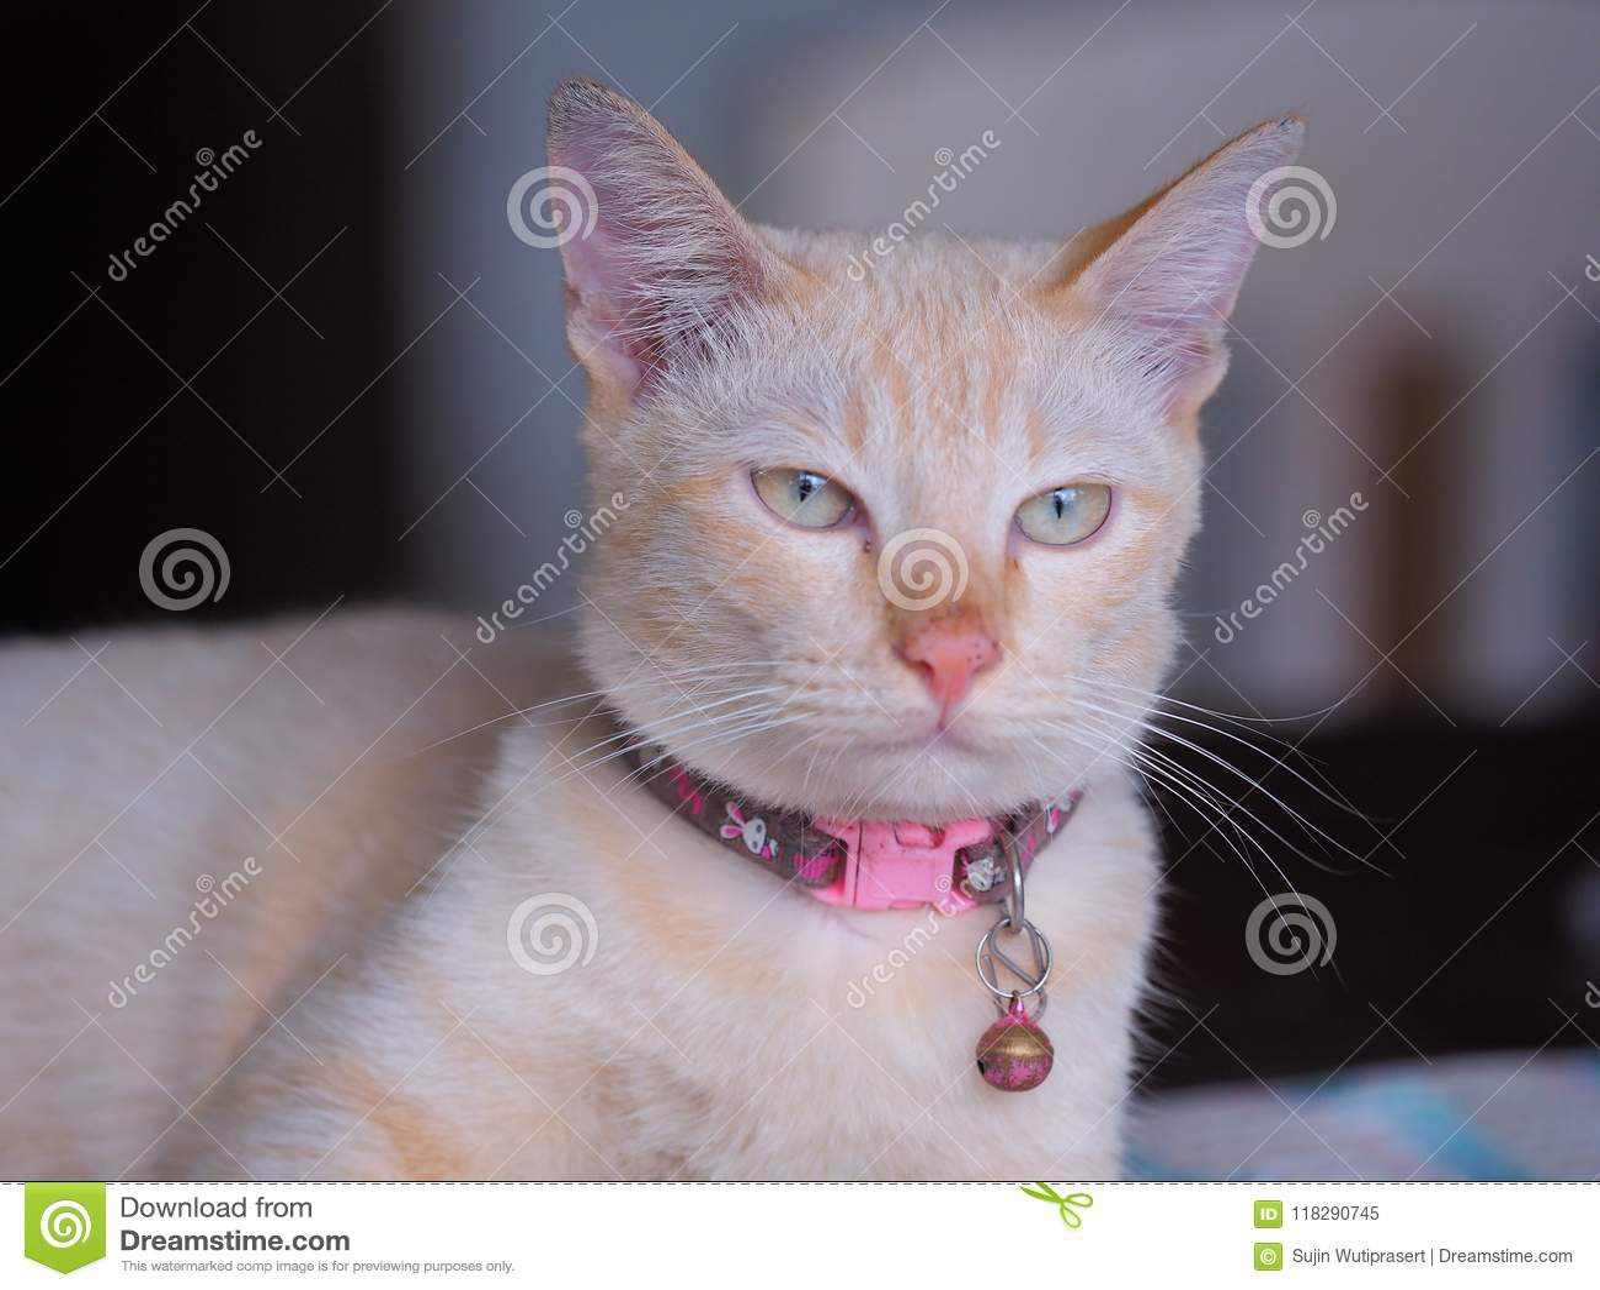 ojos y piel de color amarillo pálido